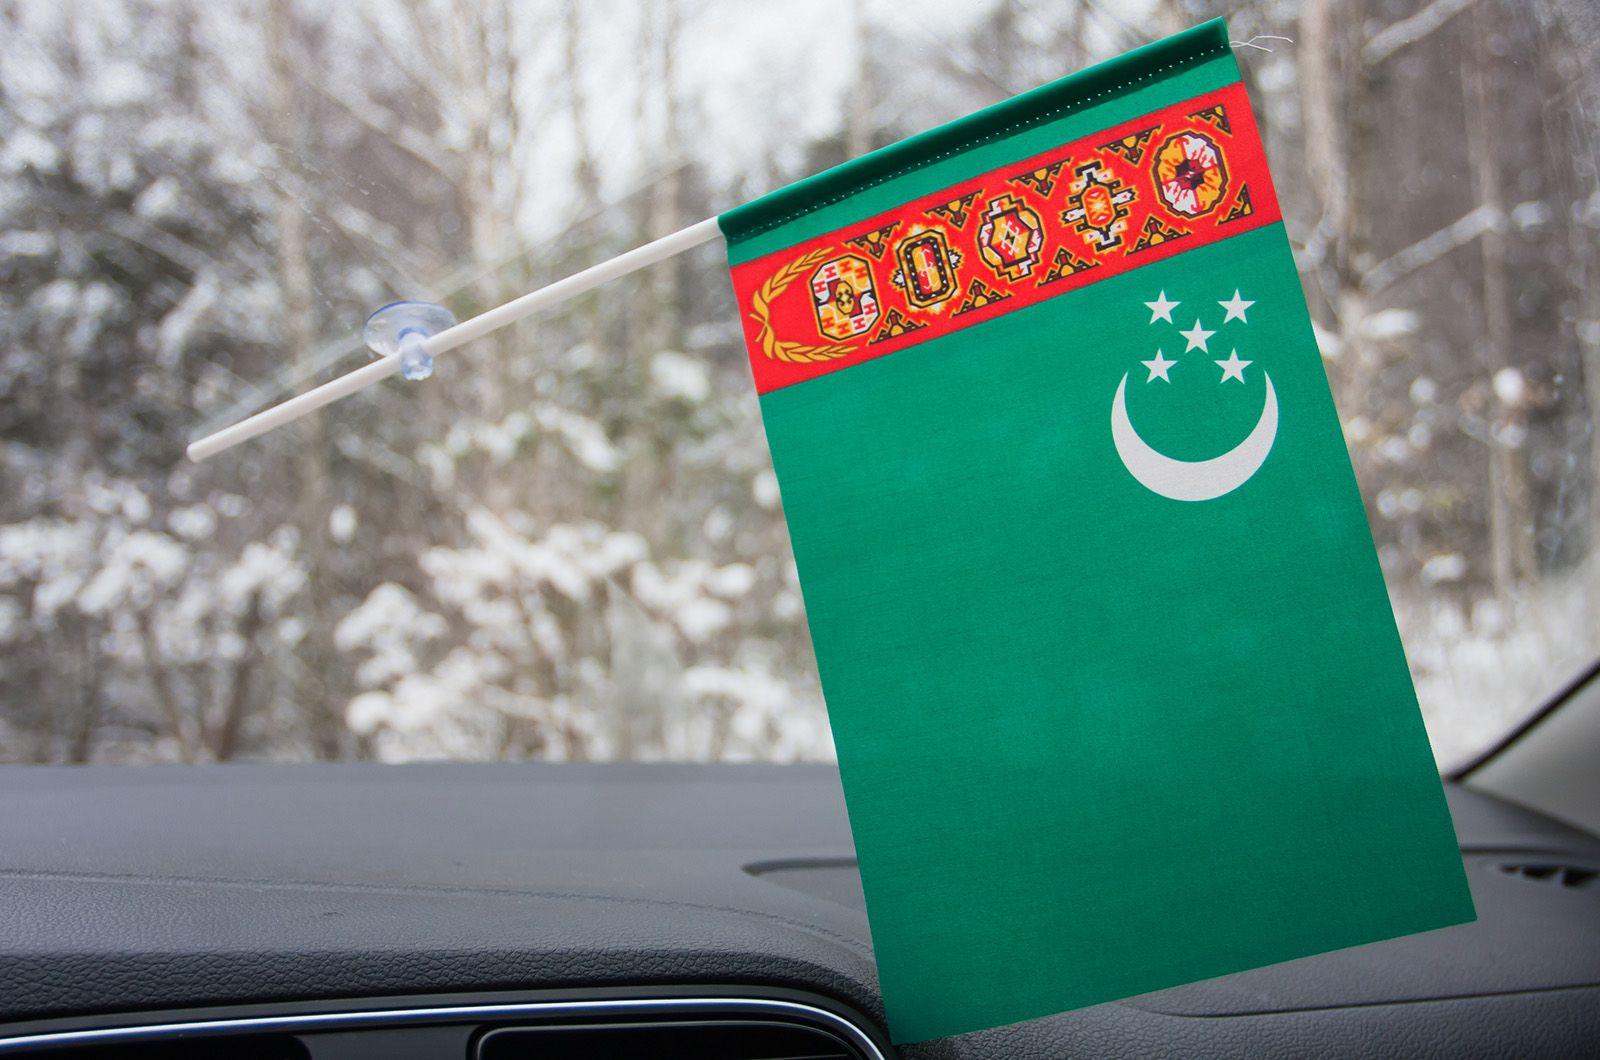 Флажок Туркменистана на присоске